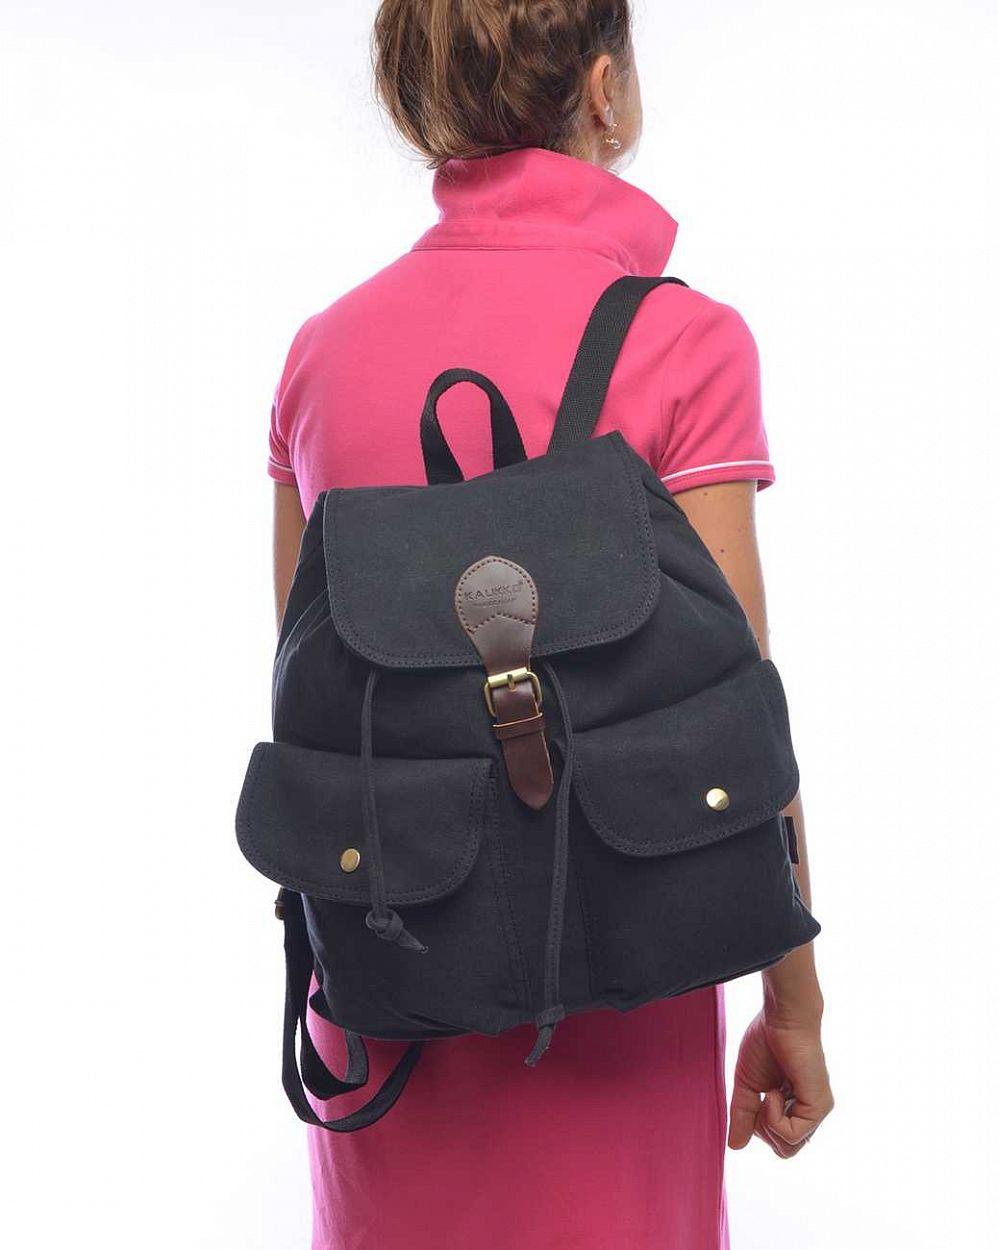 0ef68d851561 Рюкзак женский городской Kaukko Authentic Bags Co.Ltd FJ17 Black отзывы; 2;  2; 2; 2; 2; 2; 2; 2